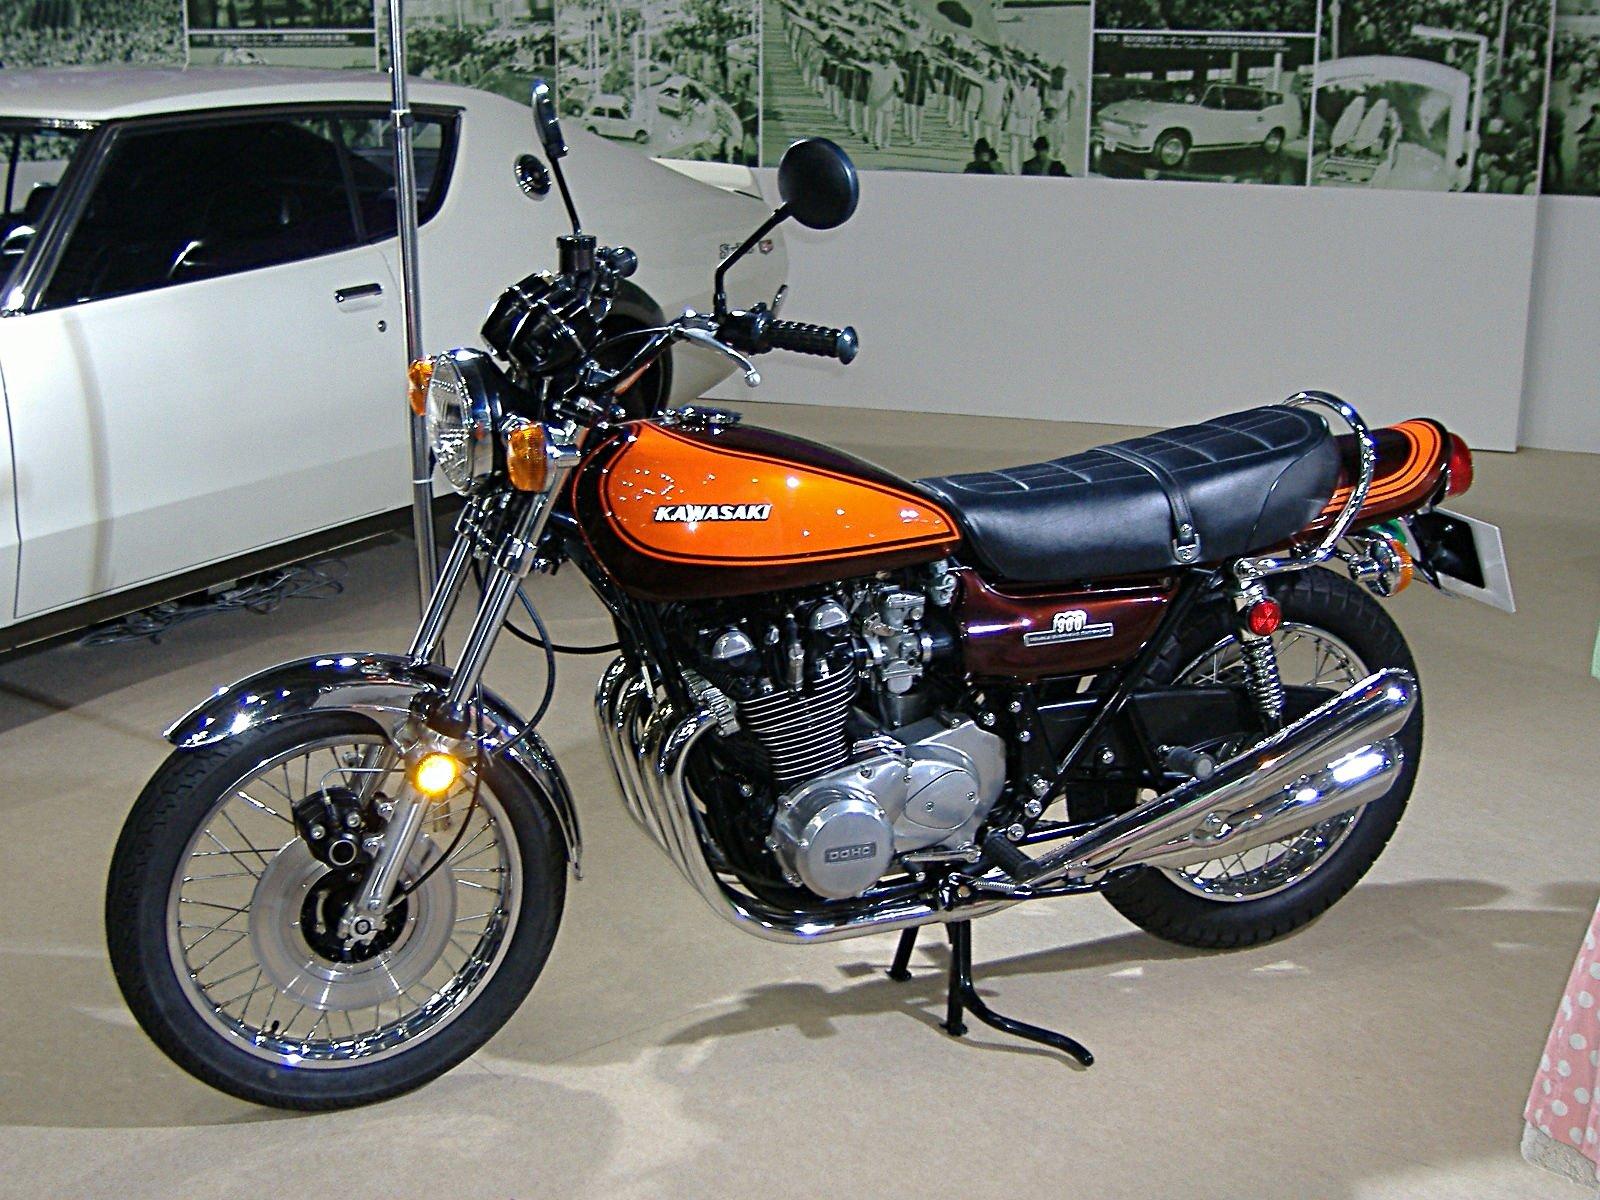 Kawasaki Z1 1980